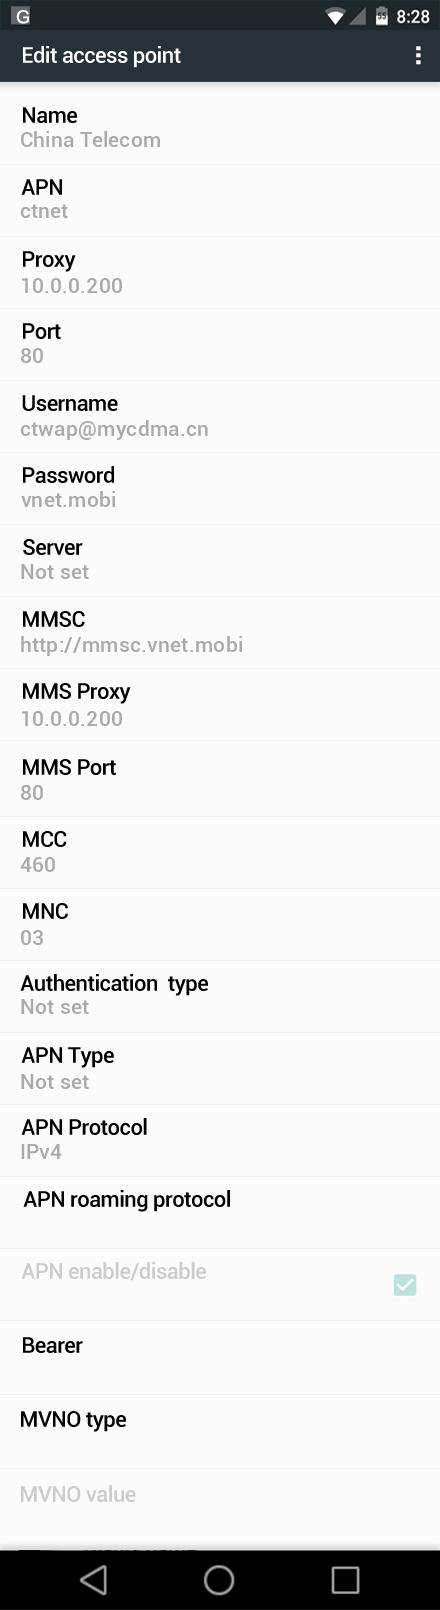 ĸ�国电信 ō�为 Nexus 6p ĺ�联网和 Mms Apn设置为 ĸ�国 Apn Ȯ�置中国